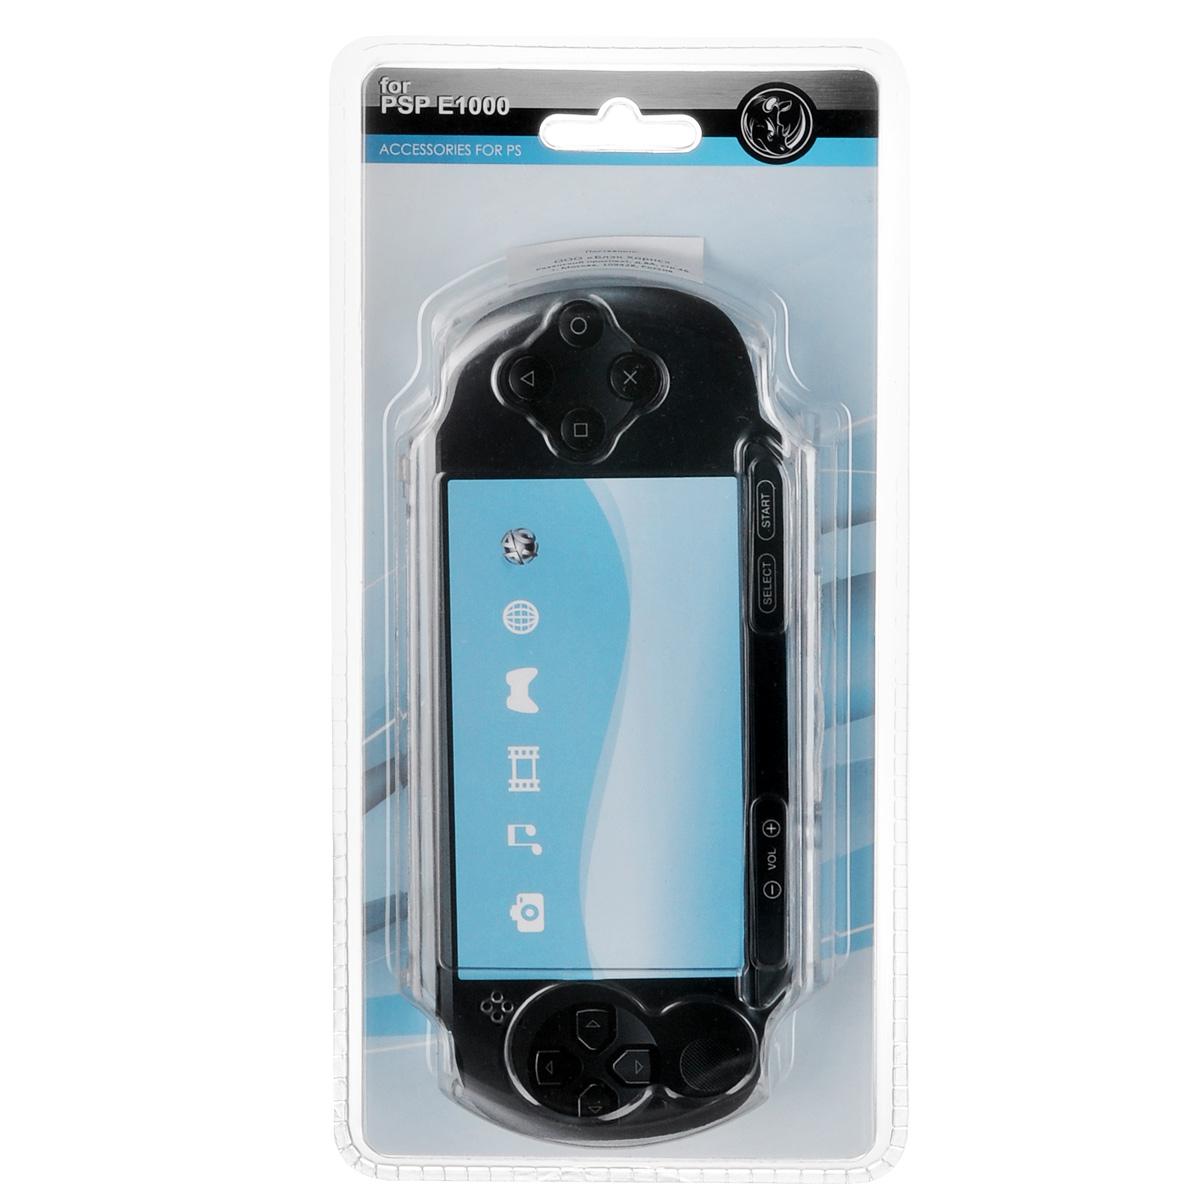 Защитный чехол Black Horns для Sony PSP E1000 (прозрачный)BH-PSE0203(R)Защитный чехолBlack Horns для Sony PSP E1000 - стильная и надежная защита из высококачественного материала. Чехол надежно защитит вашу приставку от внешних воздействий, грязи, царапин и потертостей. Чехол легко надевается и снимается, совместим со всеми версиями консоли Sony PSP E1000. Легкий доступ ко всем портам и кнопкам позволяет использовать консоль не снимая чехол.